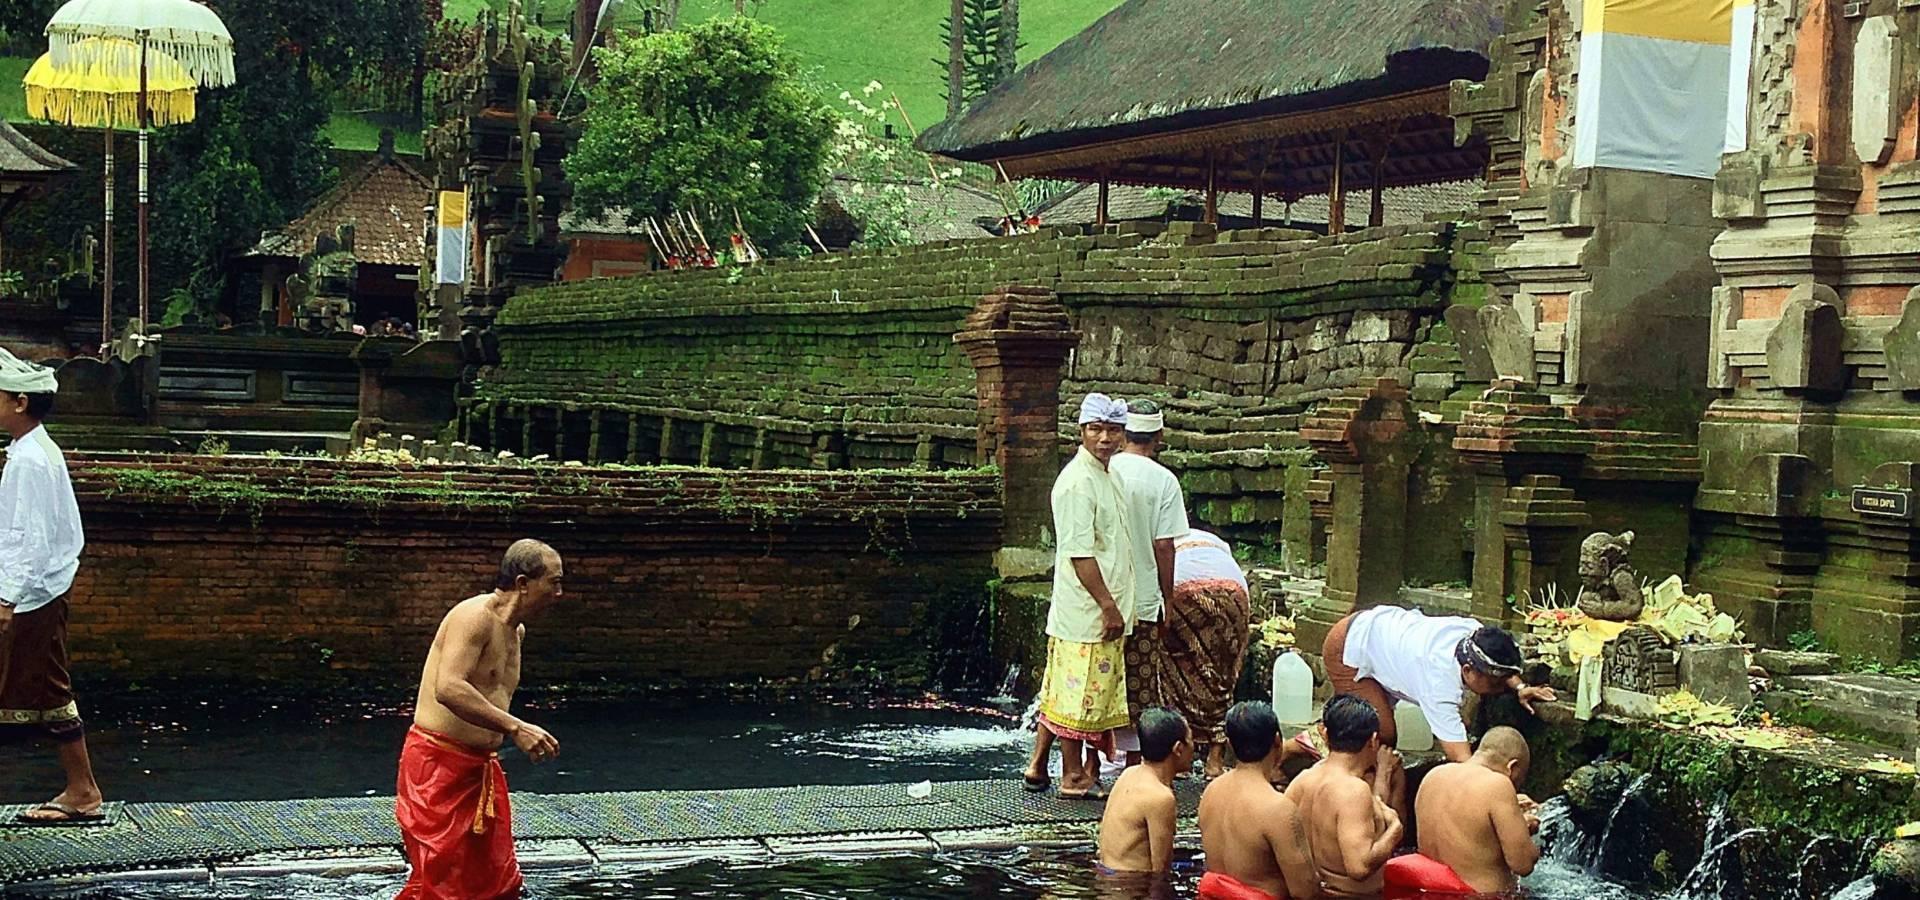 Bali (ID)